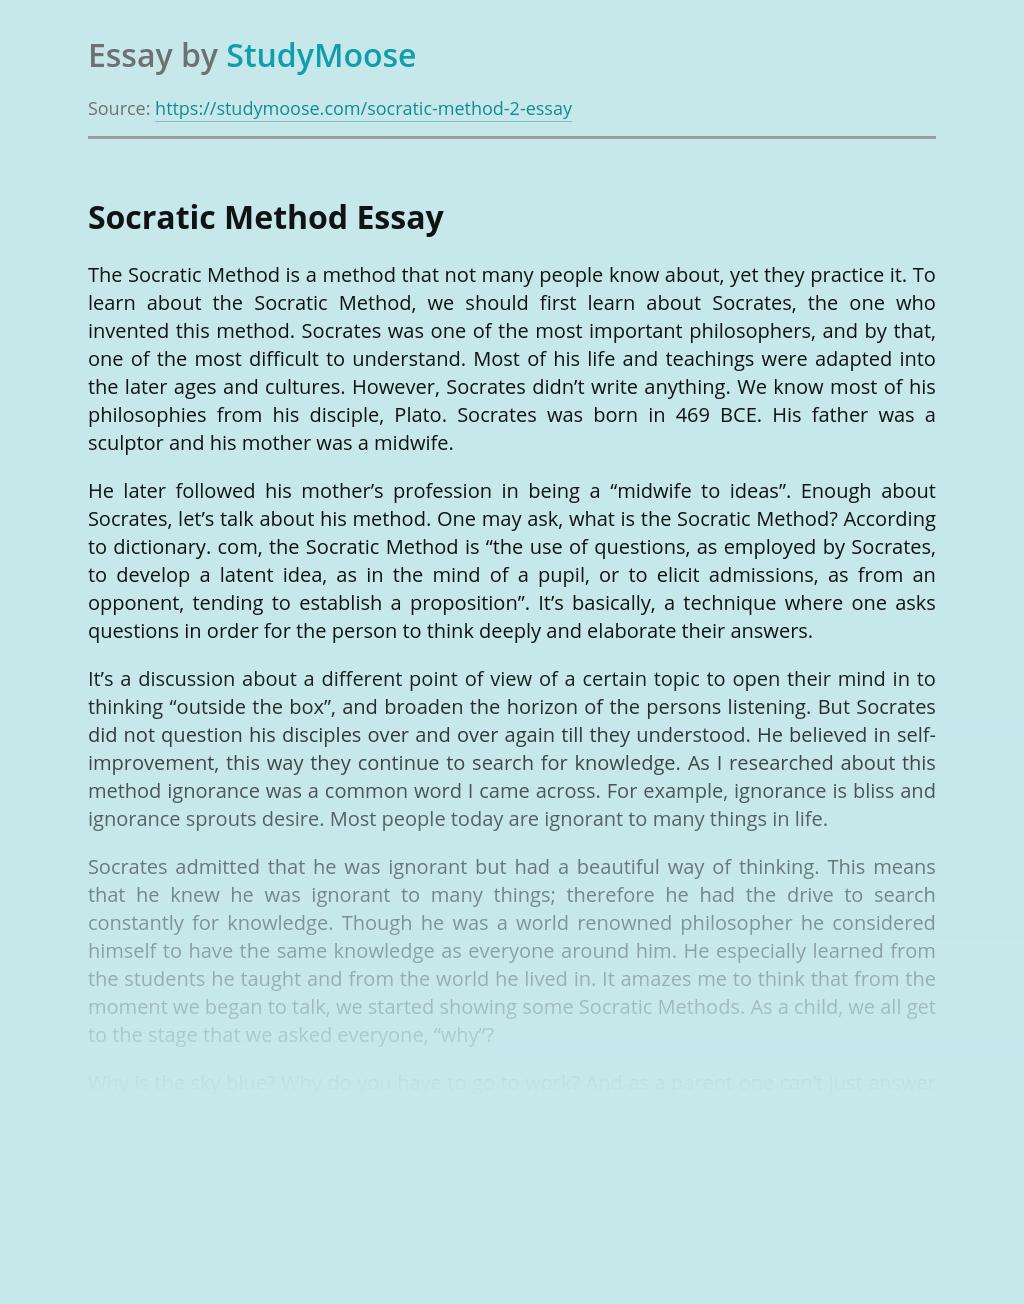 Socratic Method Among Other Teaching Methods